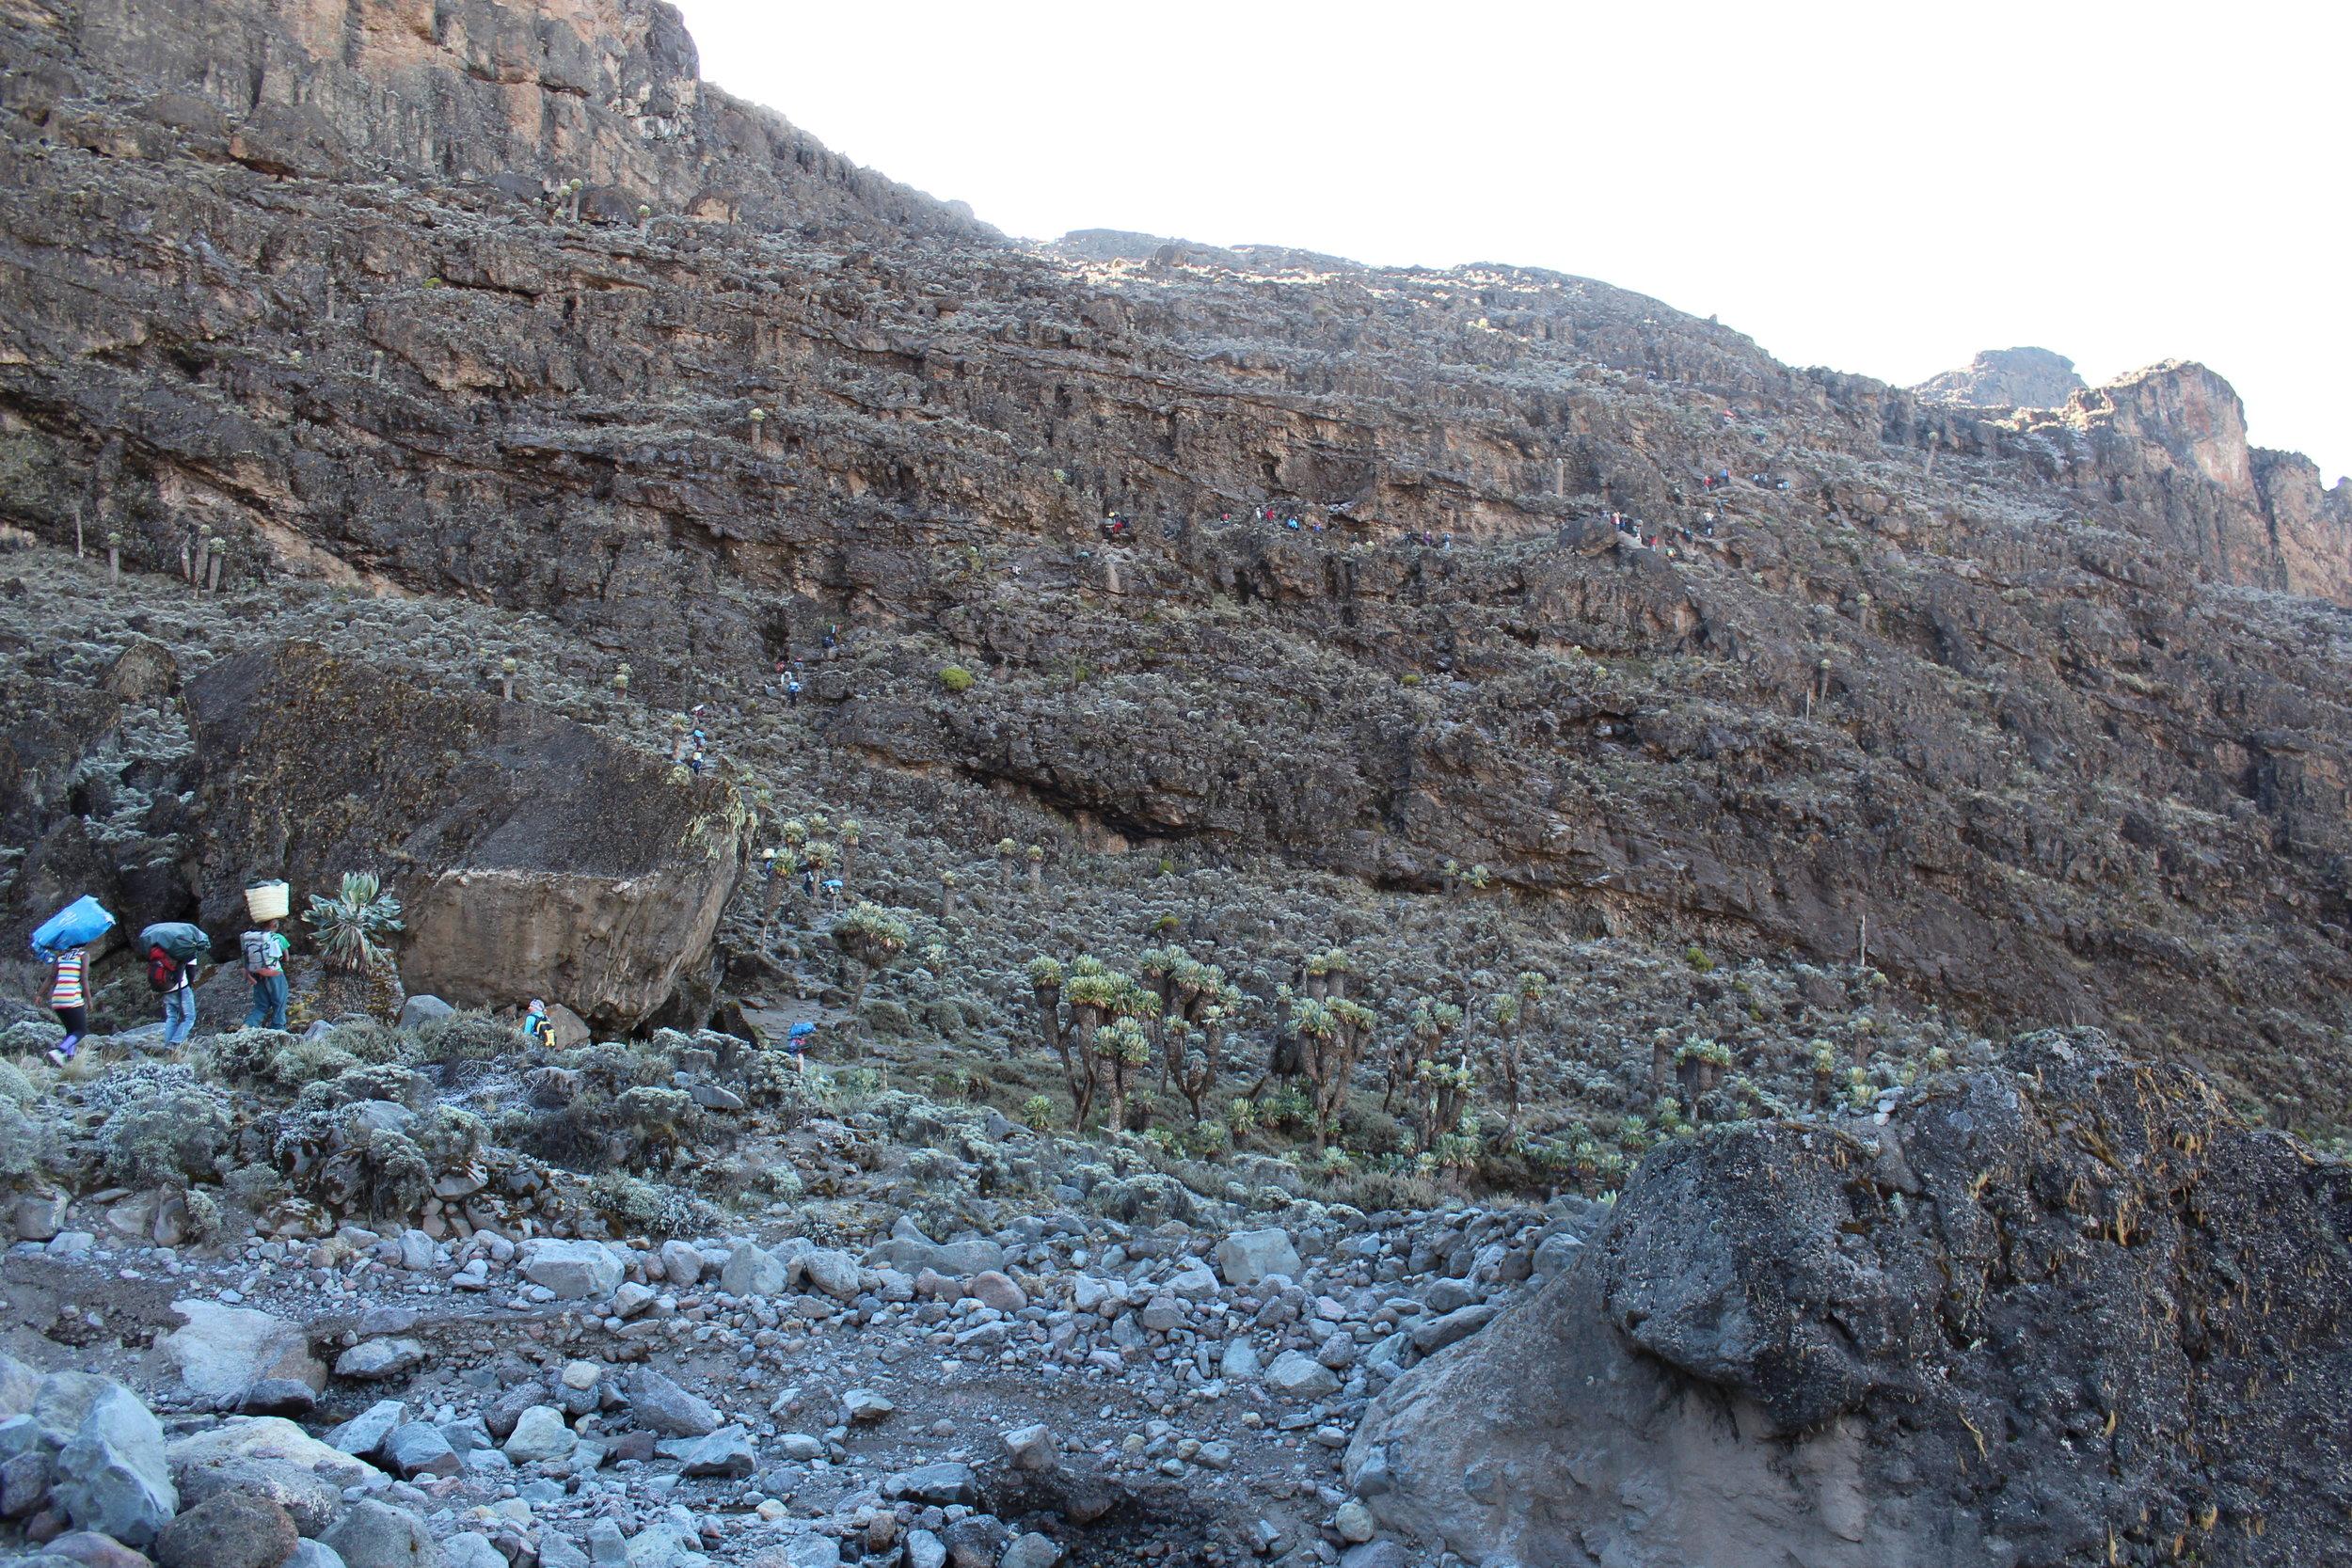 The Barranco Wall